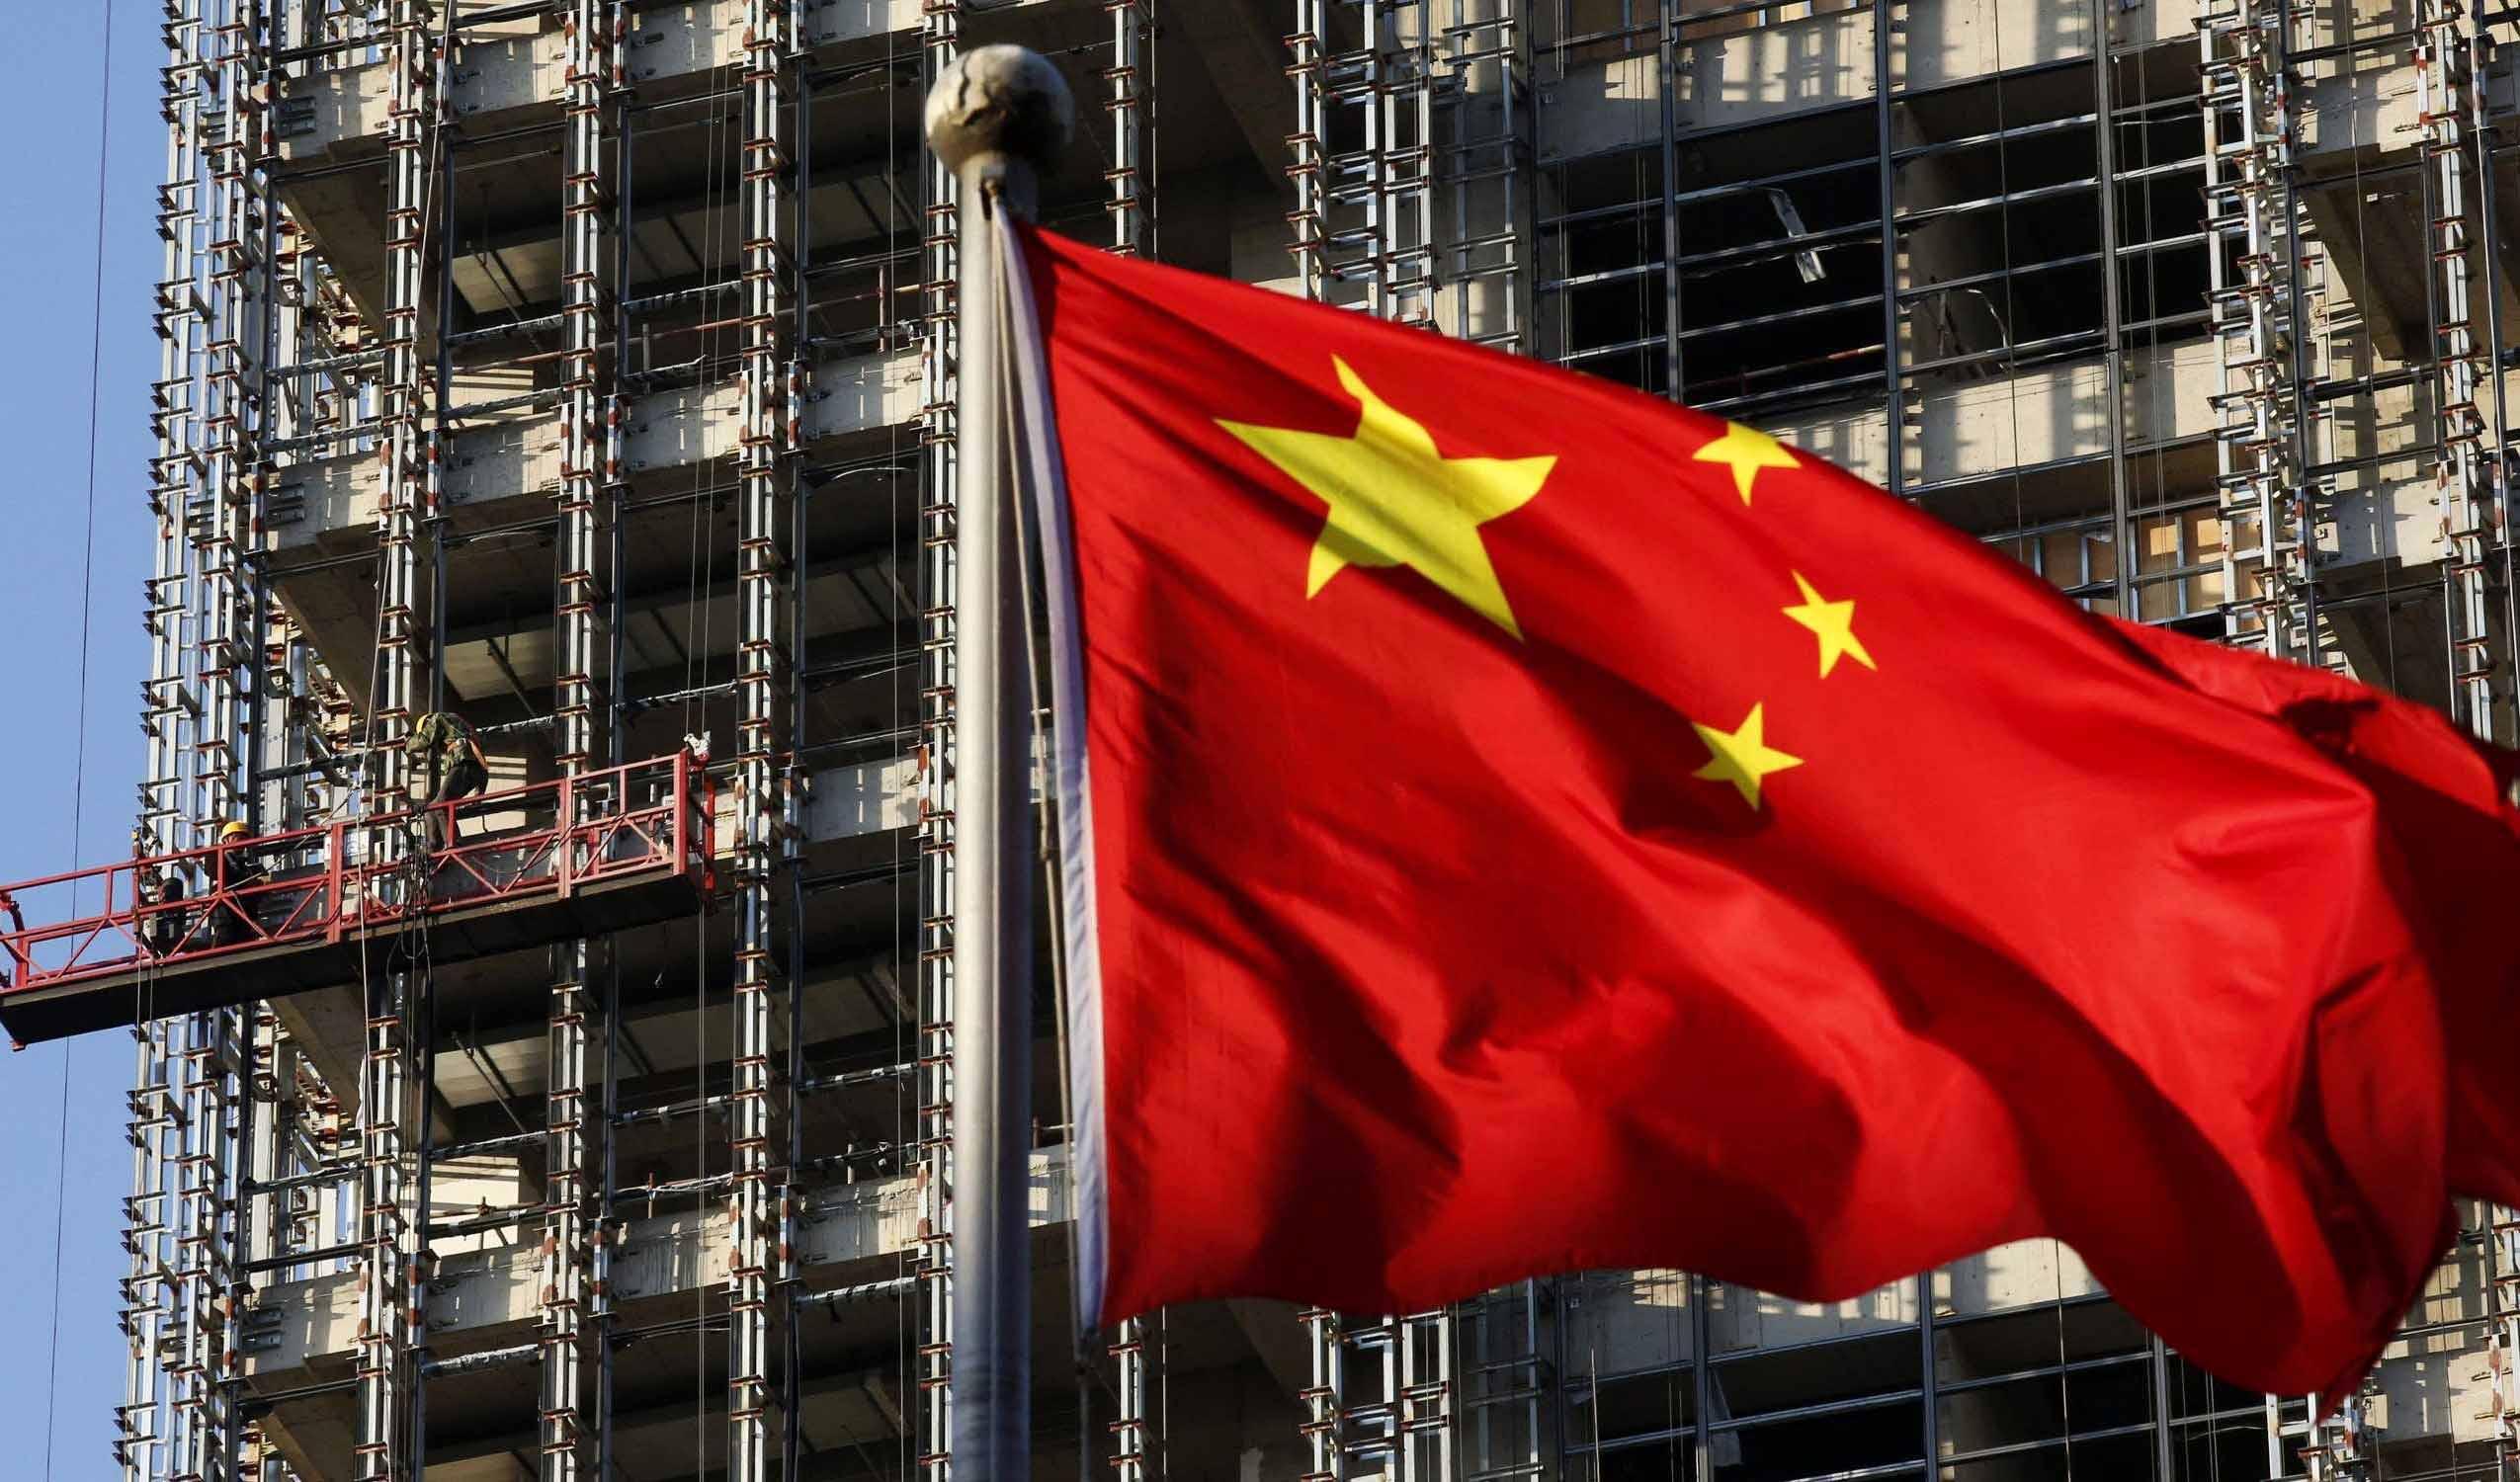 بیشتر شدن سرمایه گذاری خارجی در چین